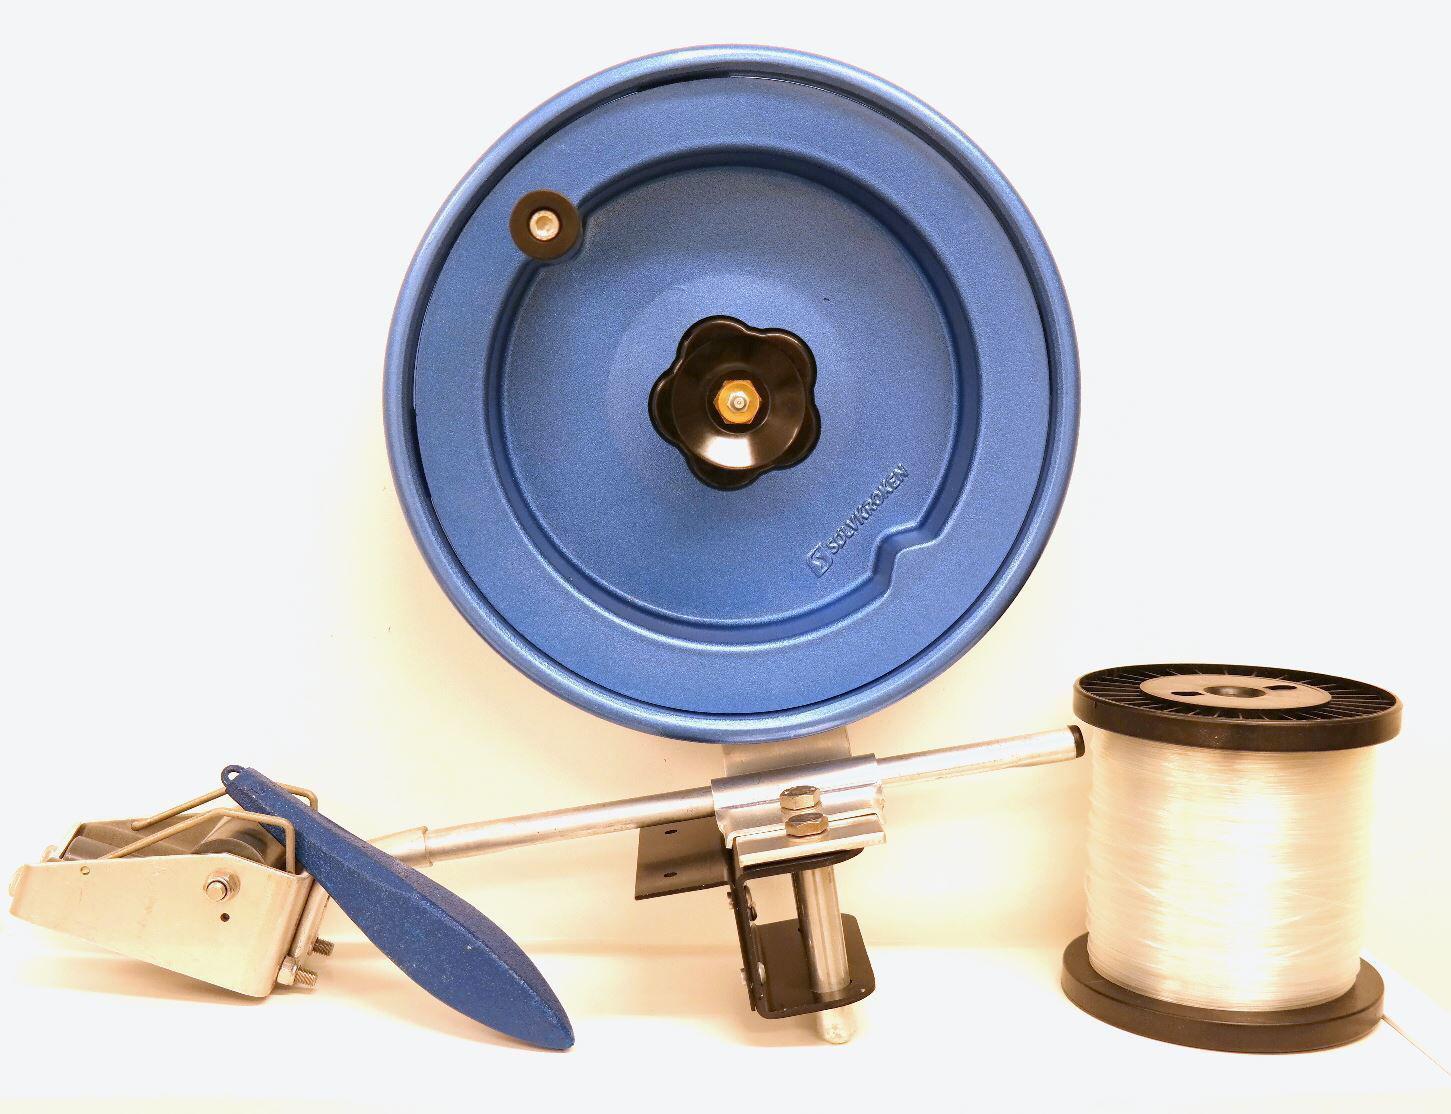 Bilde av Ula juksapakke 1.6mm